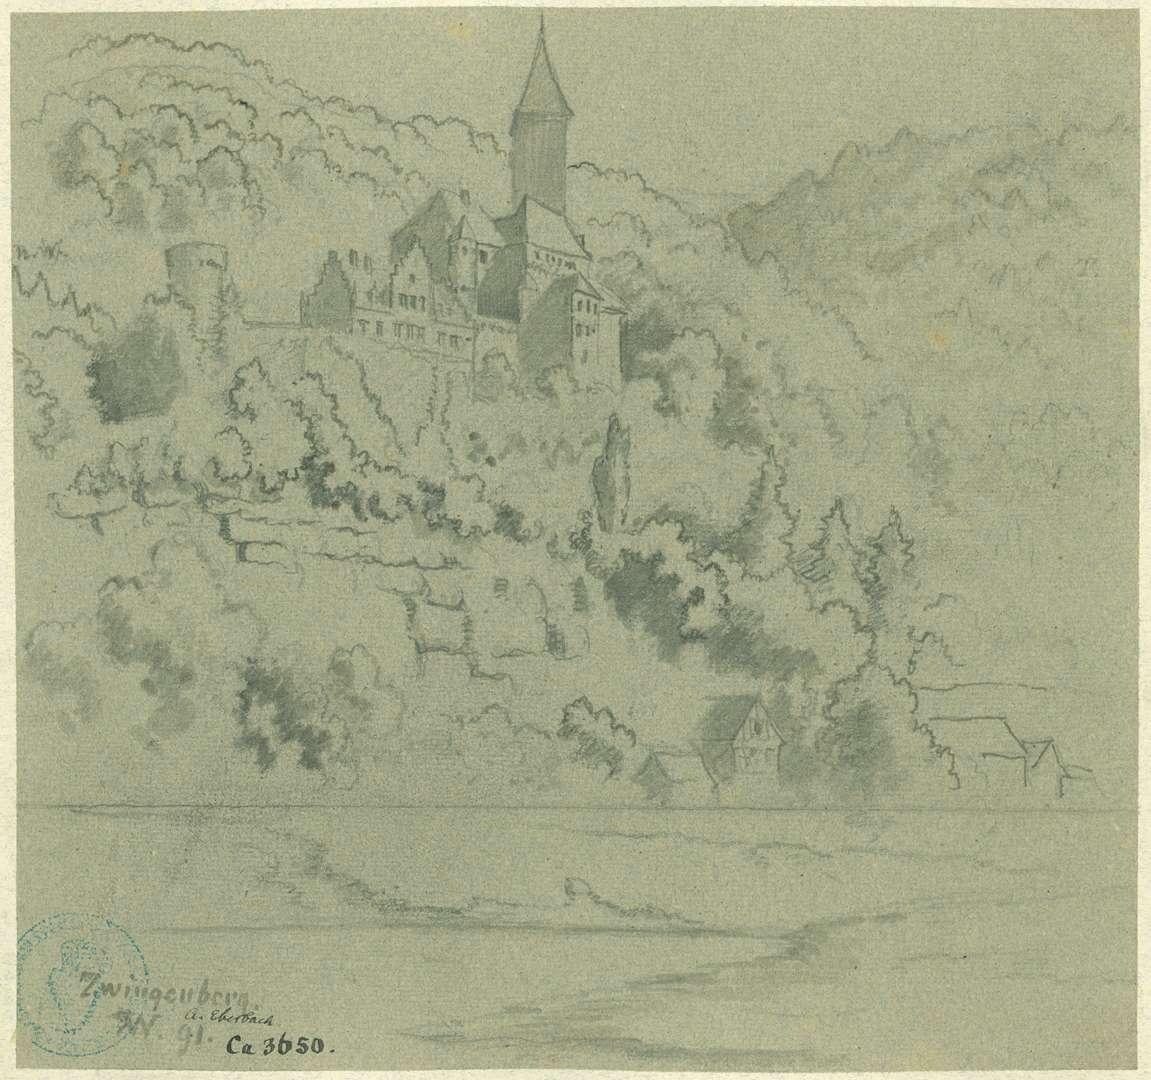 Zwingenberg Blick vom Neckar auf die Burg, Bild 1